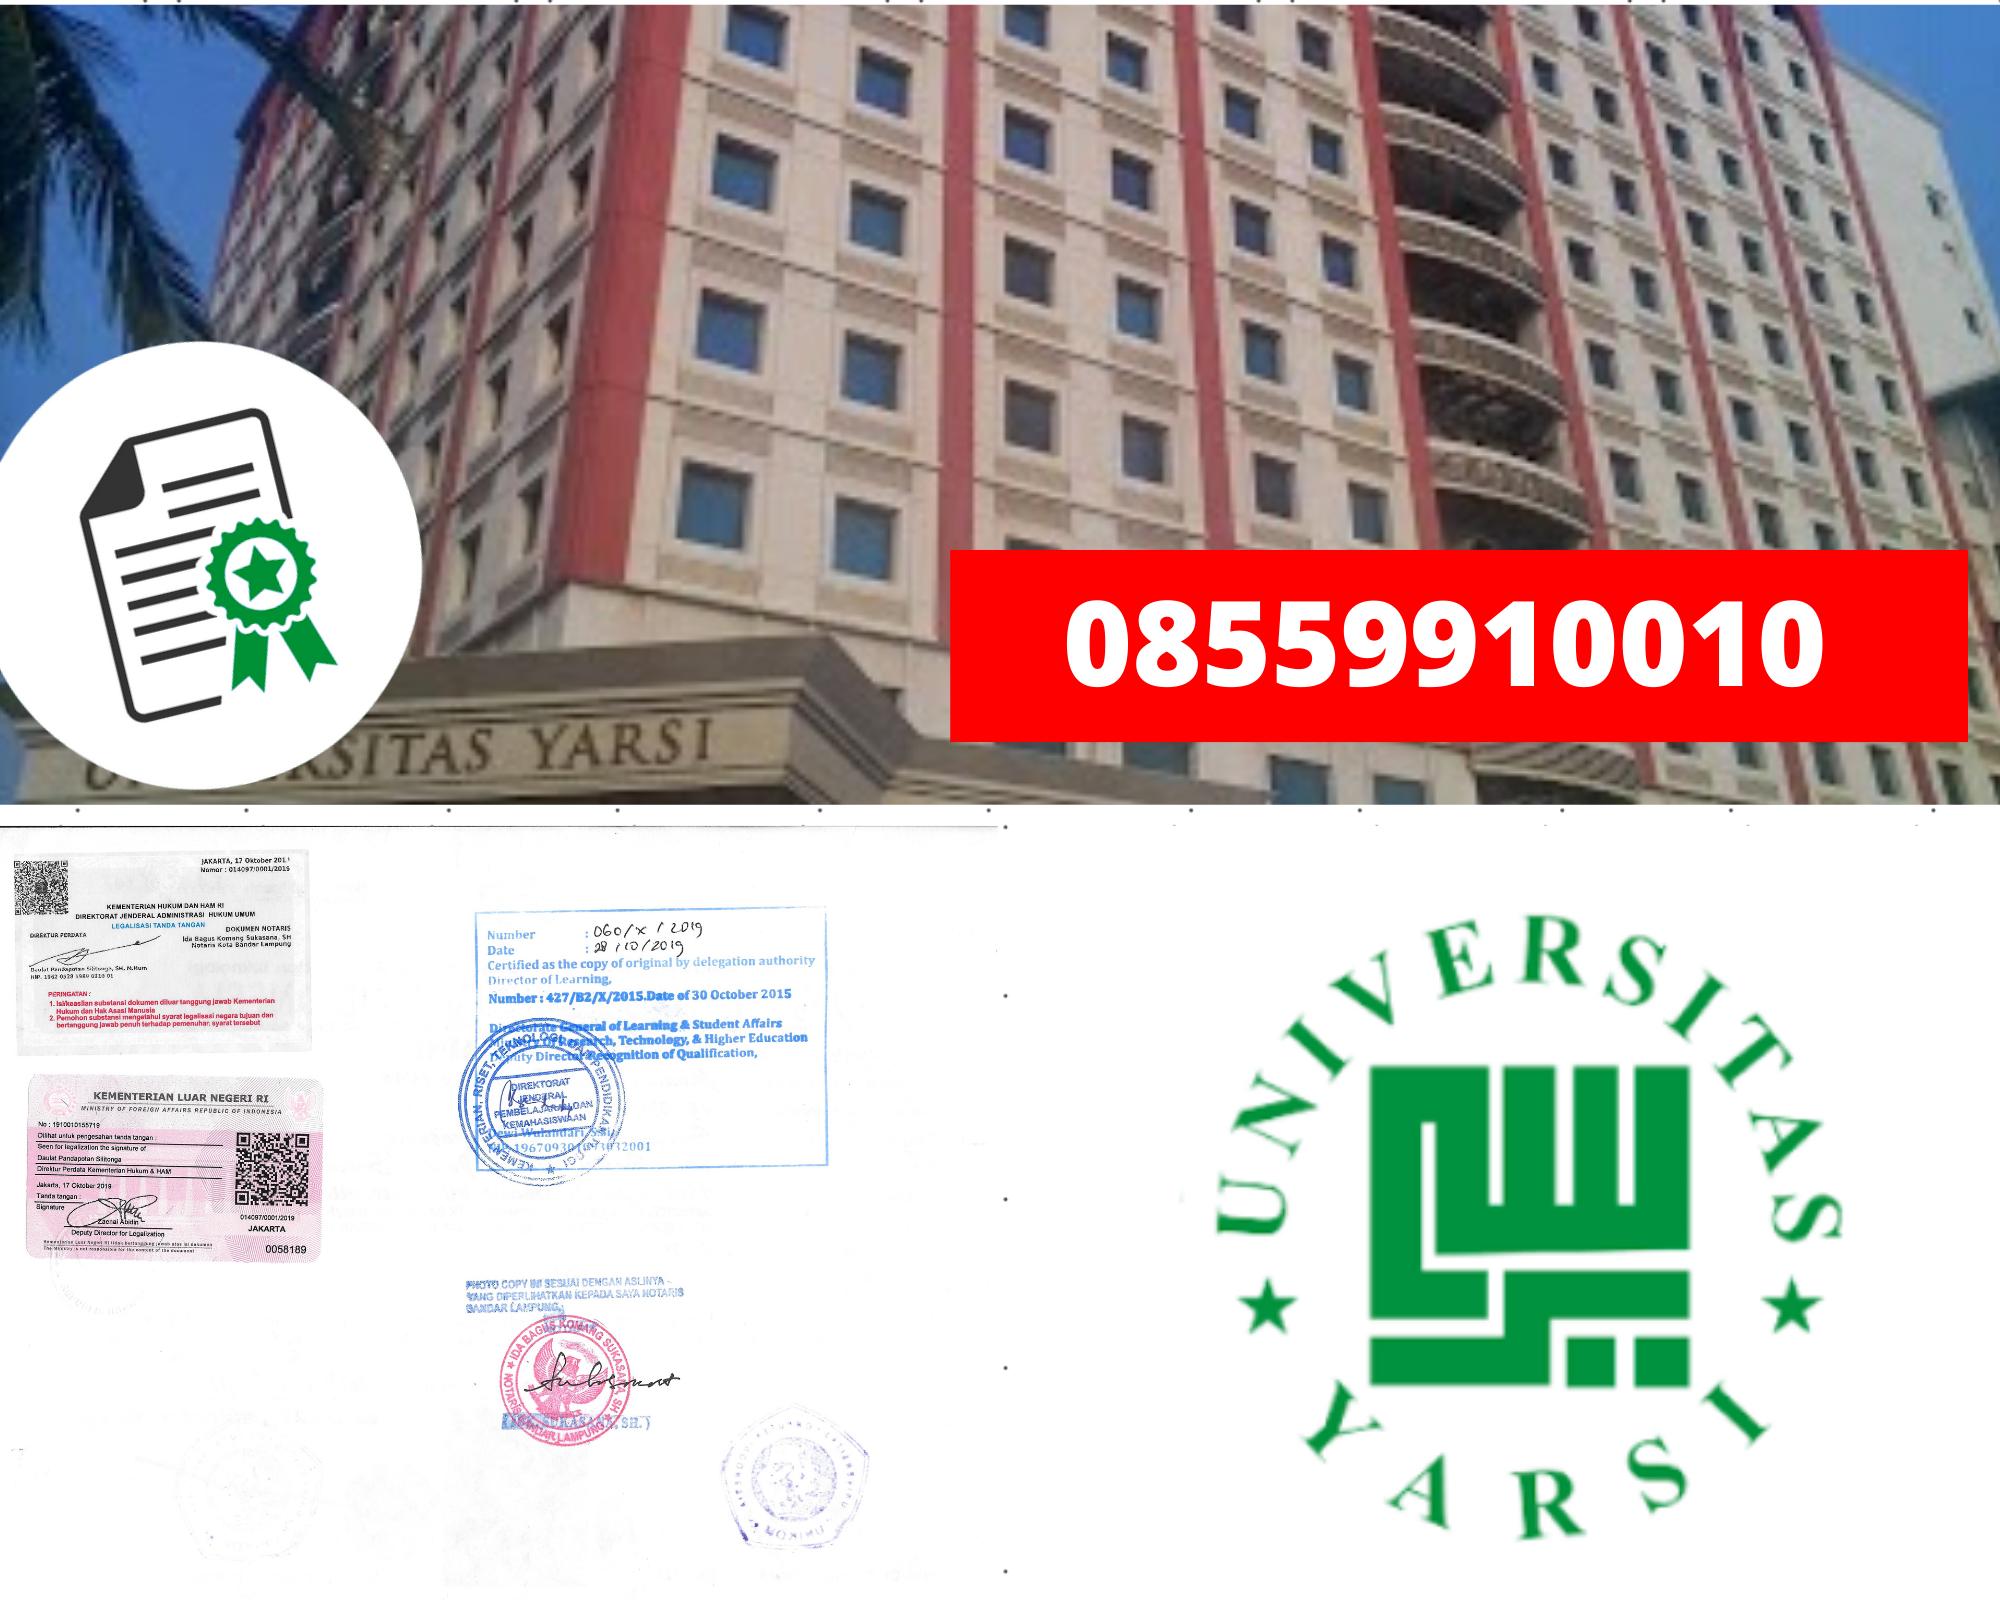 Legalisir Ijazah Universitas Yarsi Di Kemenristek Dikti || 08559910010